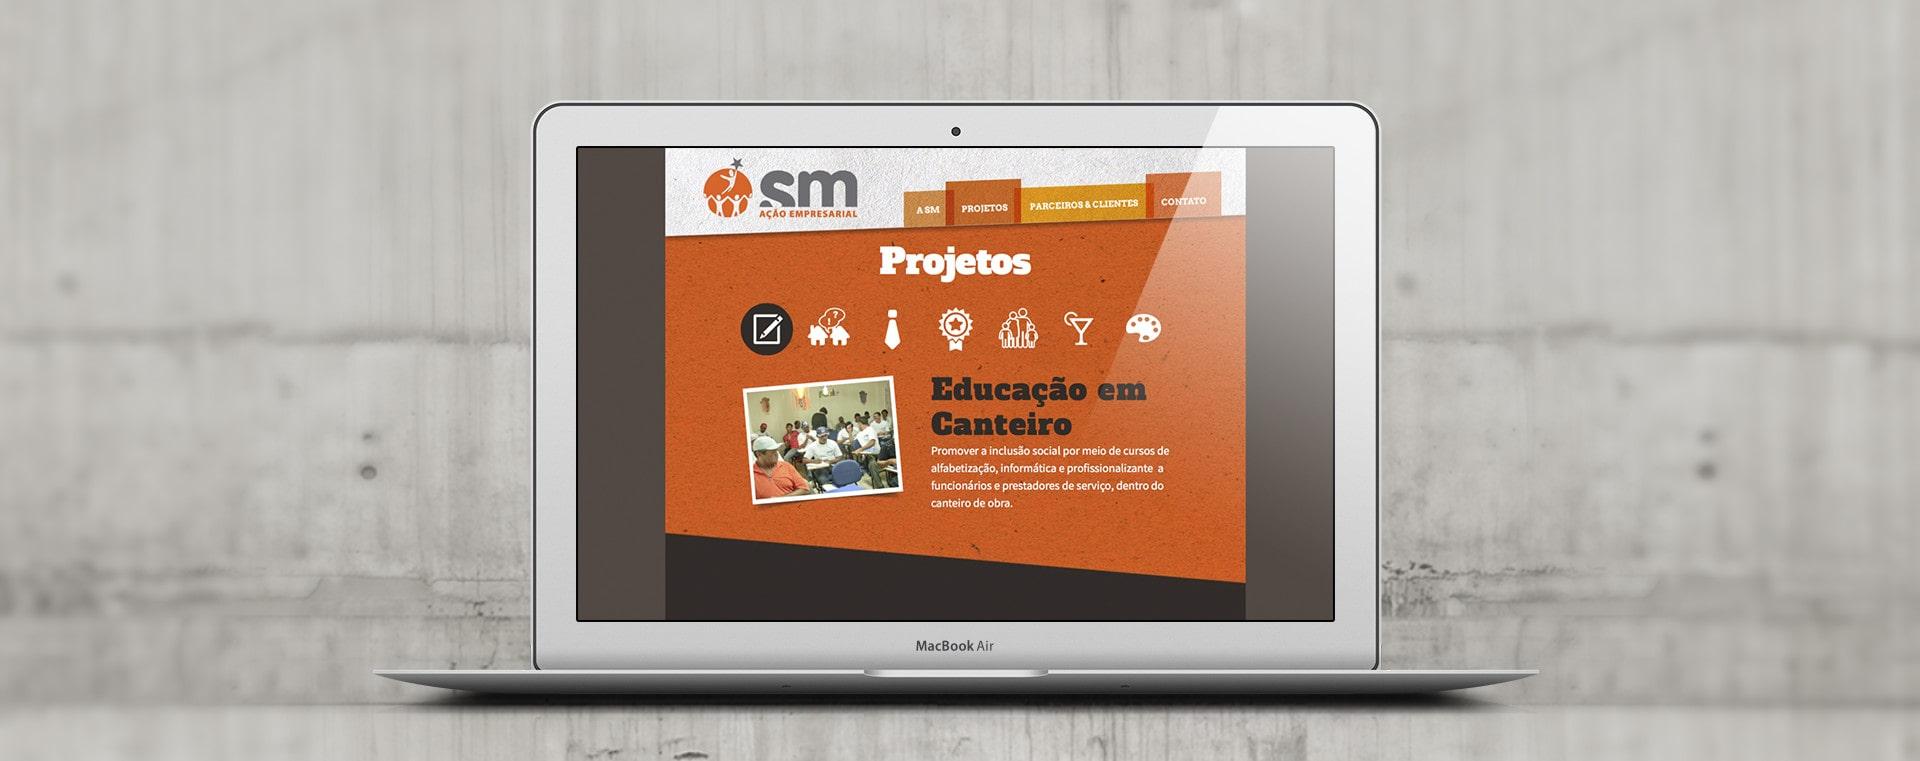 Web Site SM Ação Empresarial